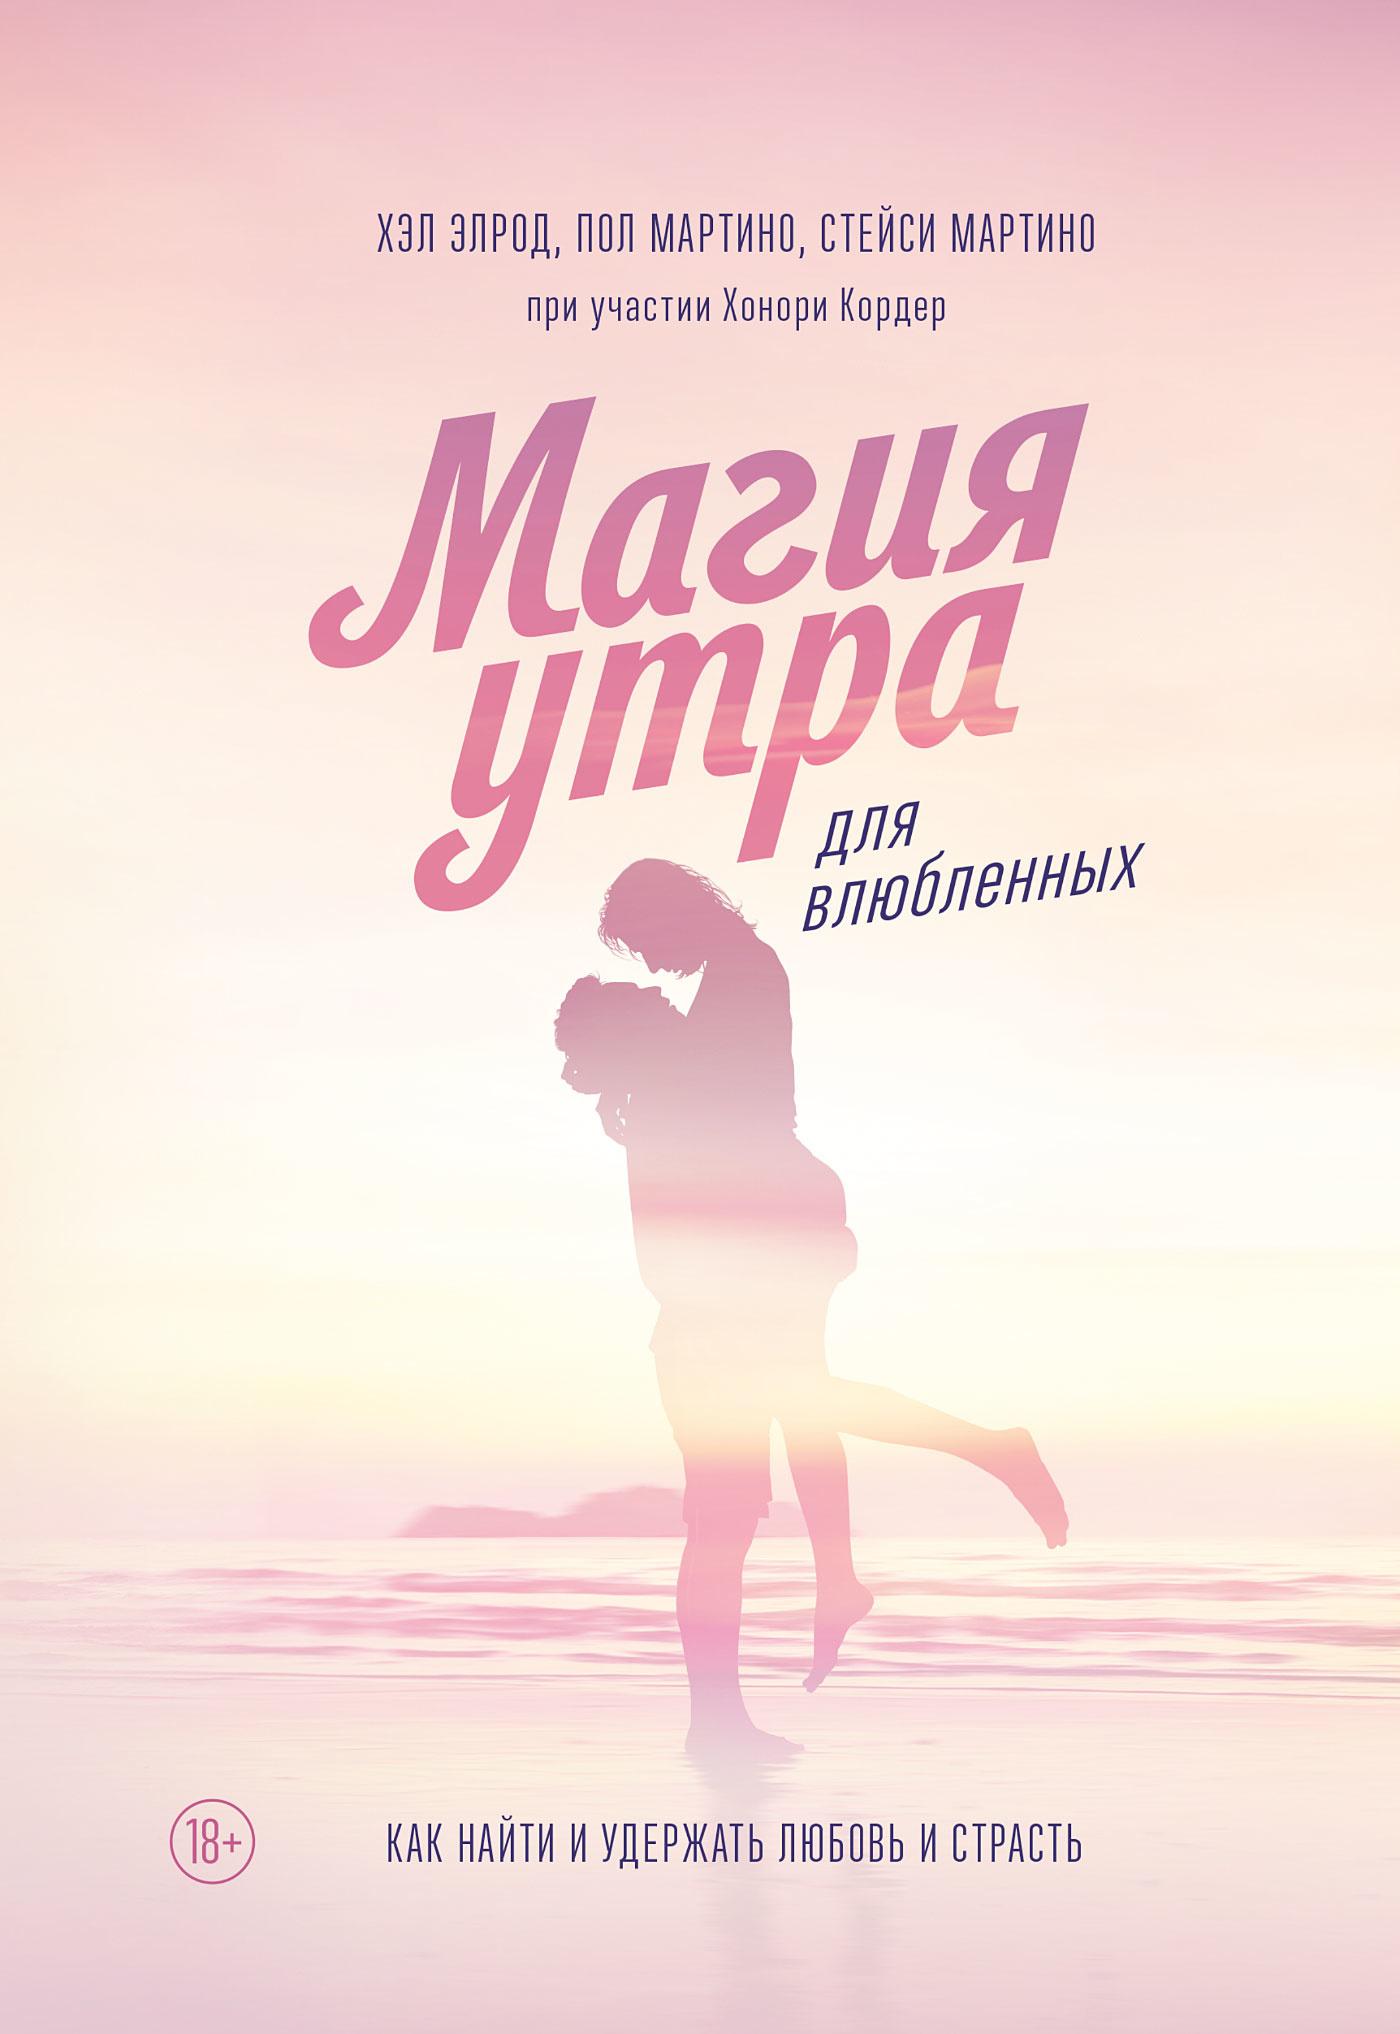 Магия утра для влюбленных. Как найти и удержать любовь и страсть. Автор — Элрод Хэл, Кордер Хонори, Мартино Пол, Мартино Стейси.